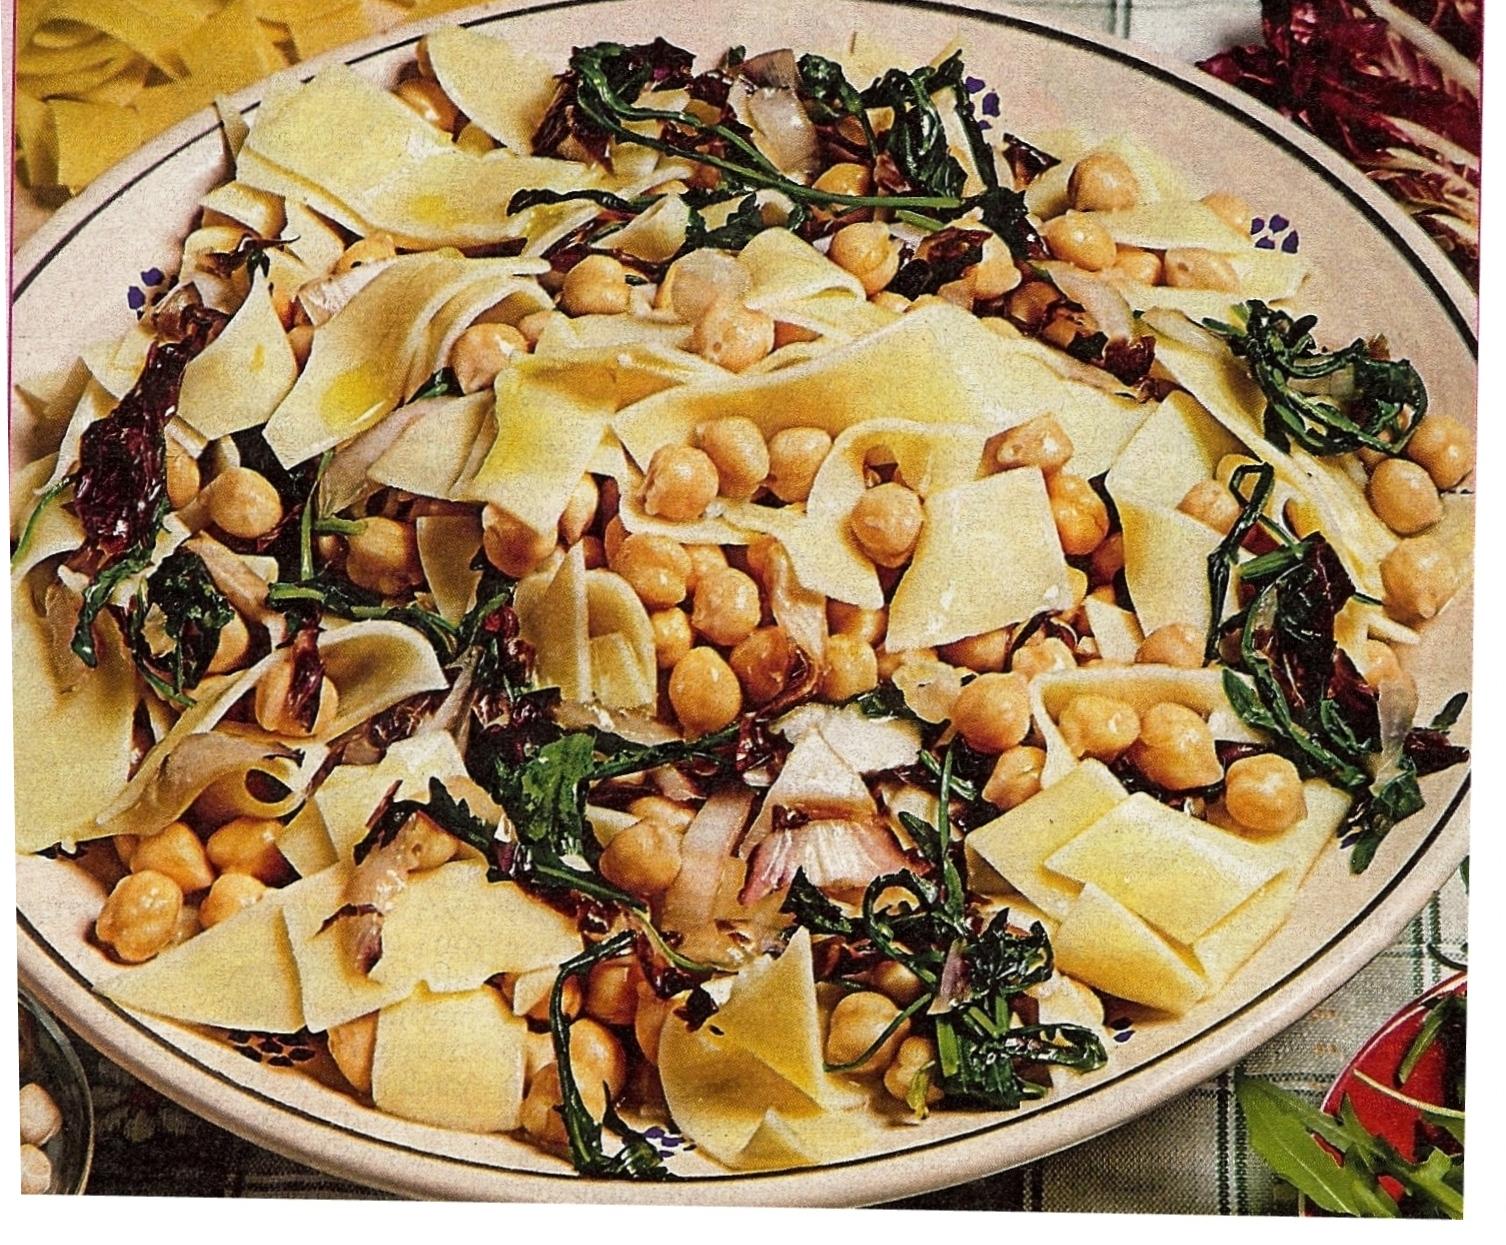 LA CASA E IL GIARDINO: Fresh Pasta With Chickpeas And